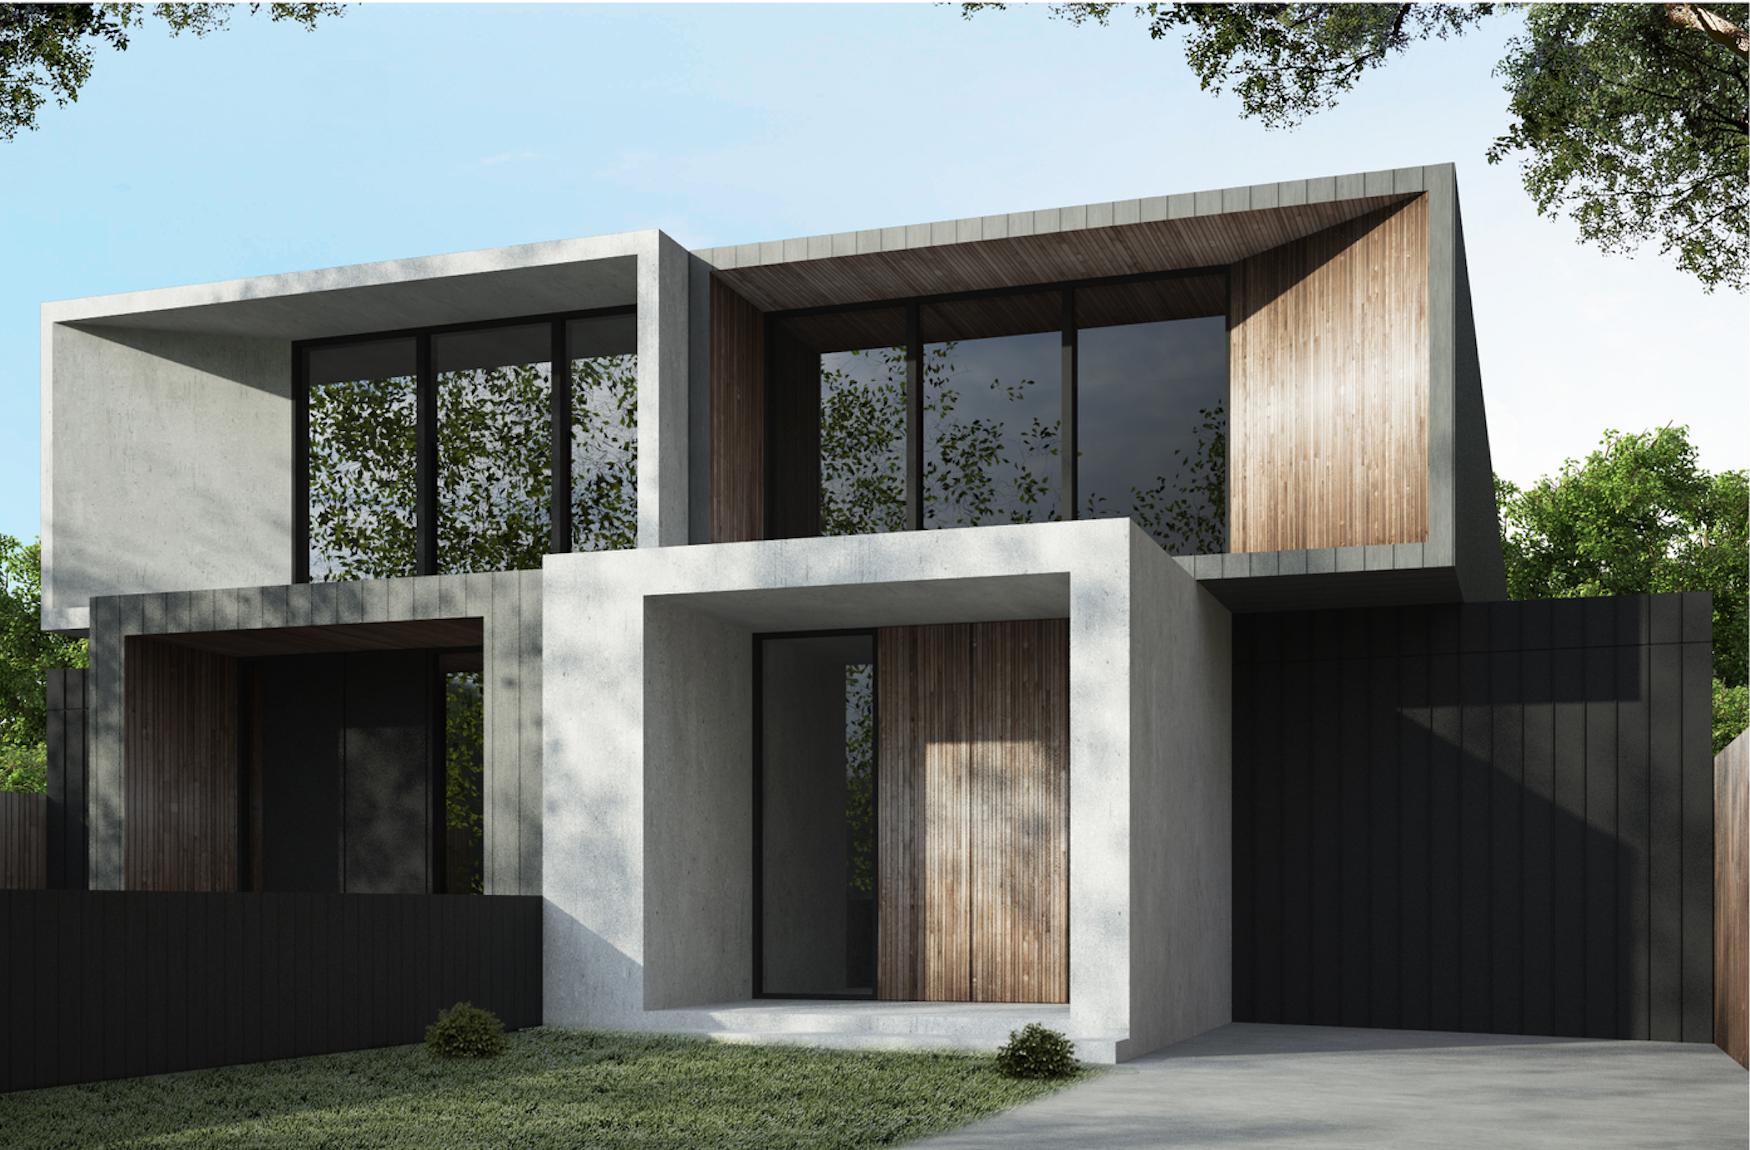 Jupiter St Caulfield Residence - Interior Design / Facade Design / Marketing Brochure (Under Construction)